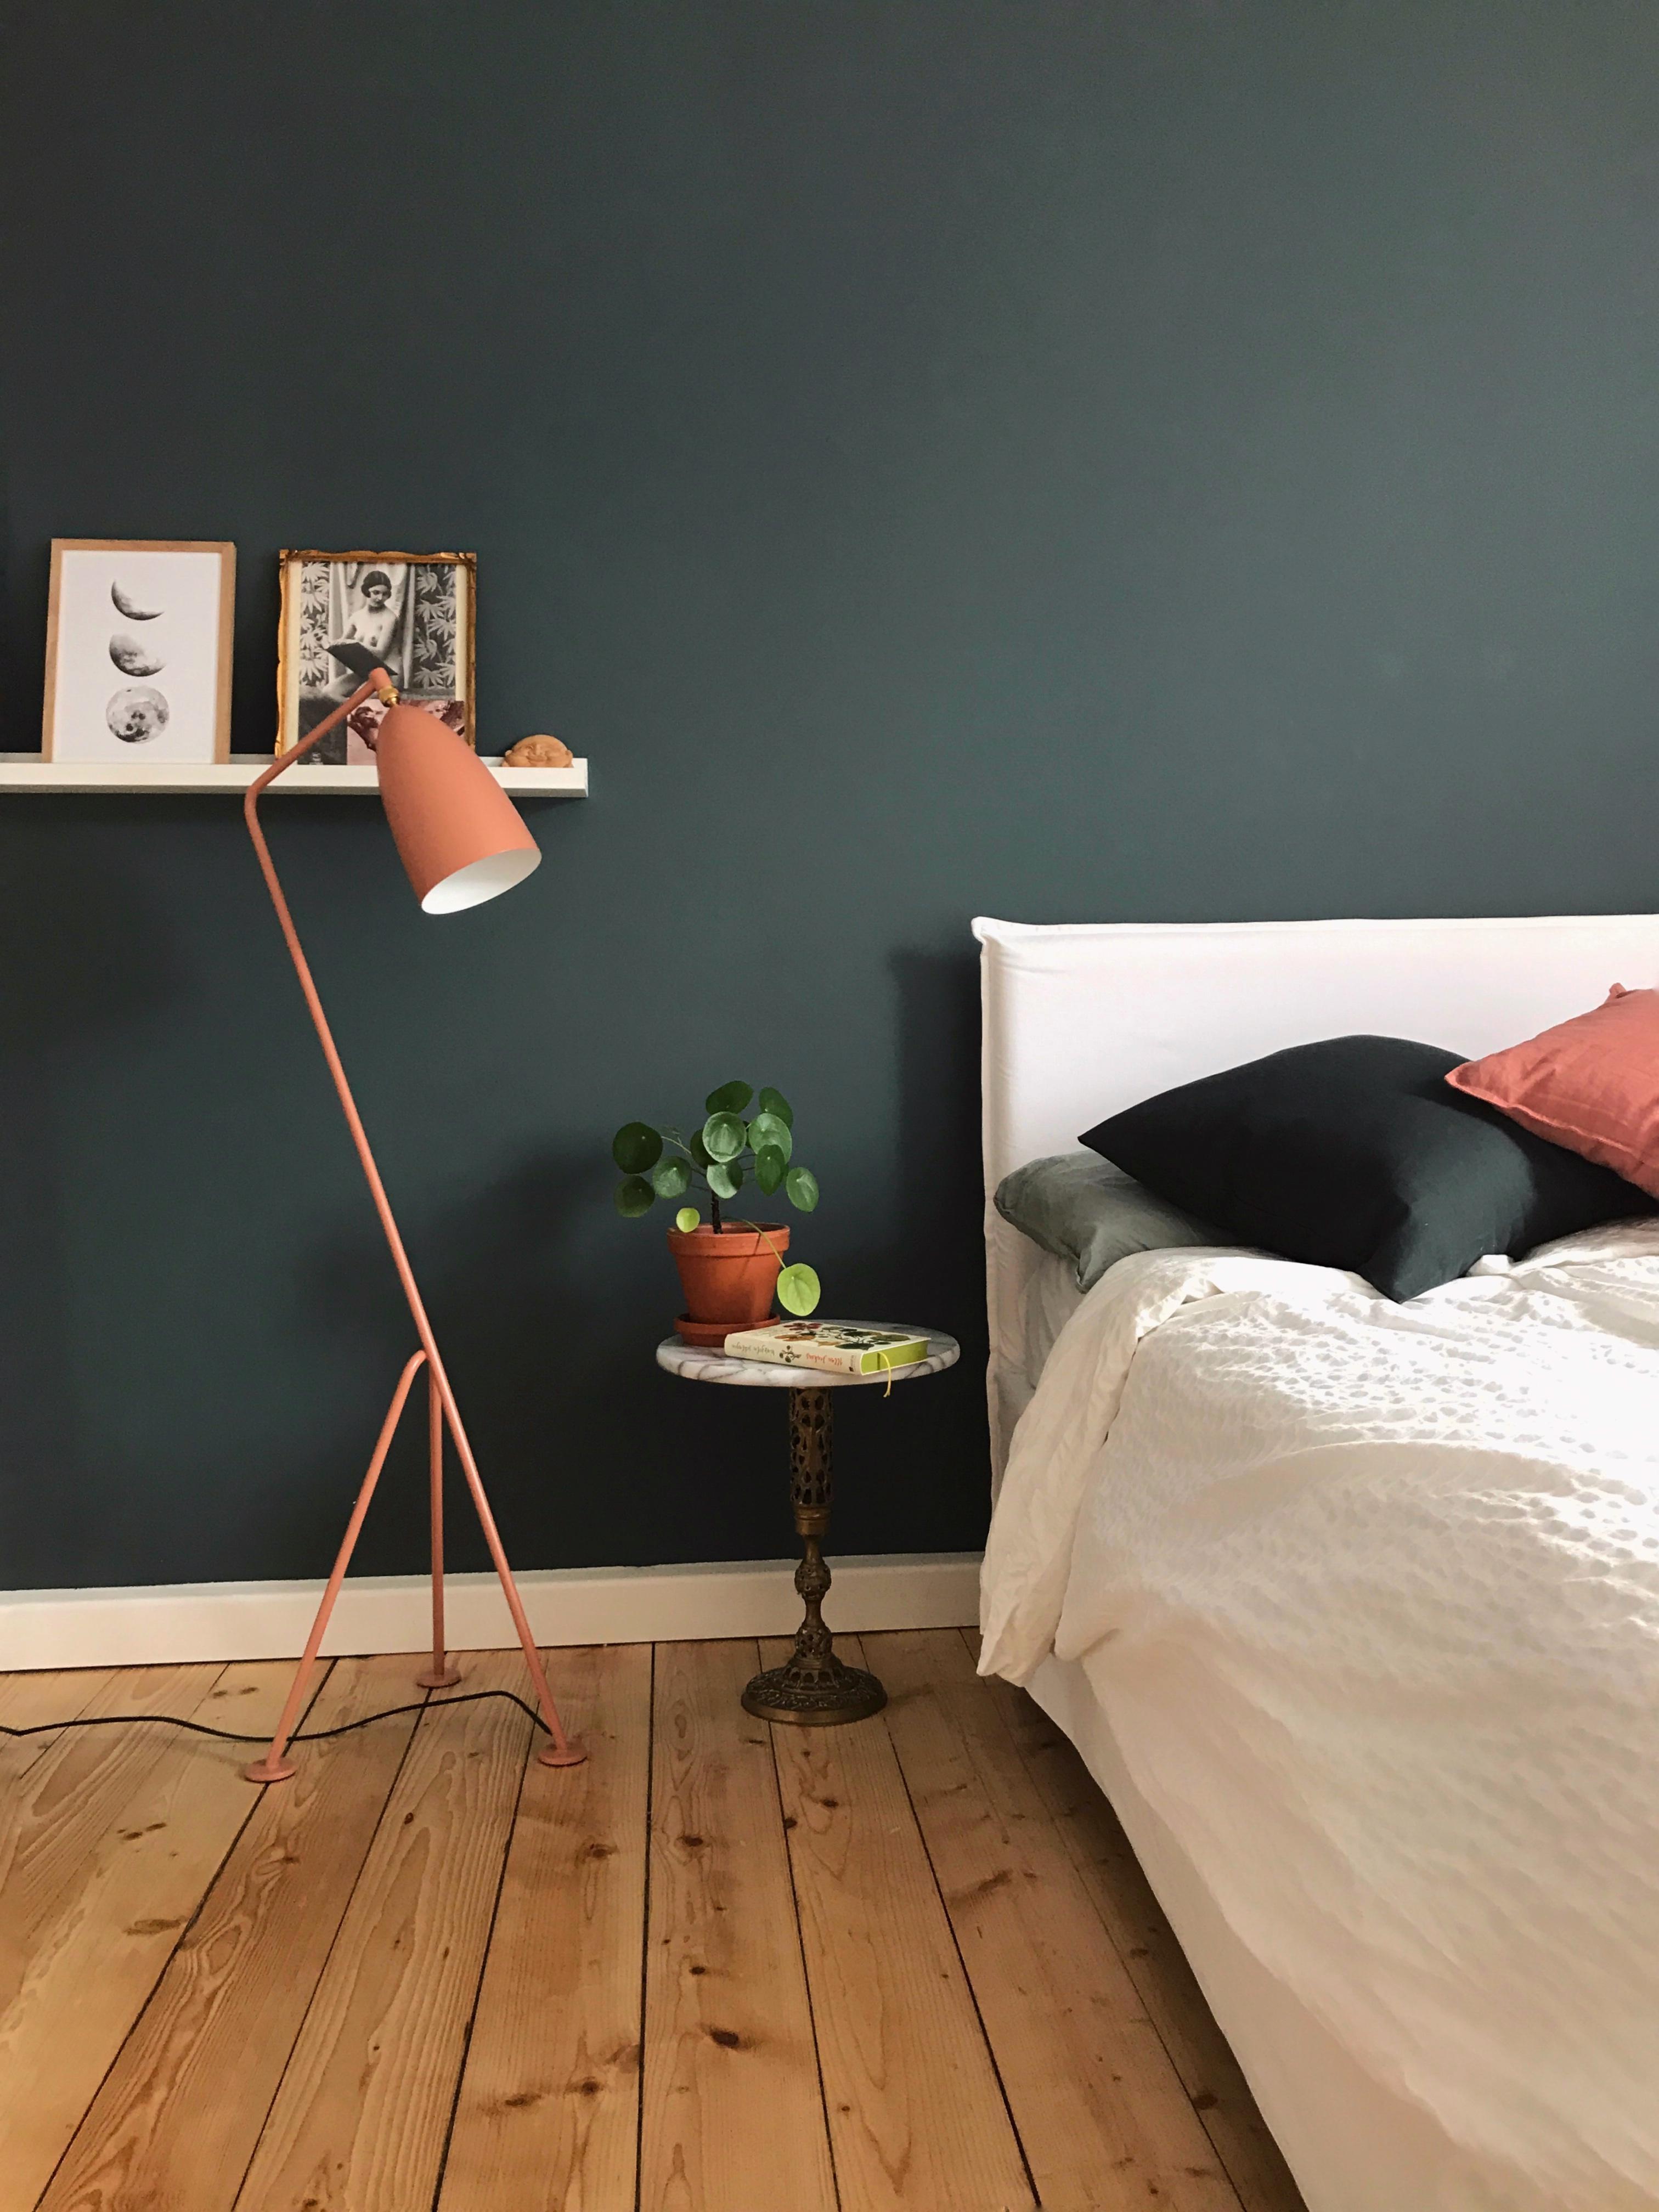 #schlafzimmer #livingchallenge #grün #altrosa #farben #gemütlichkeit